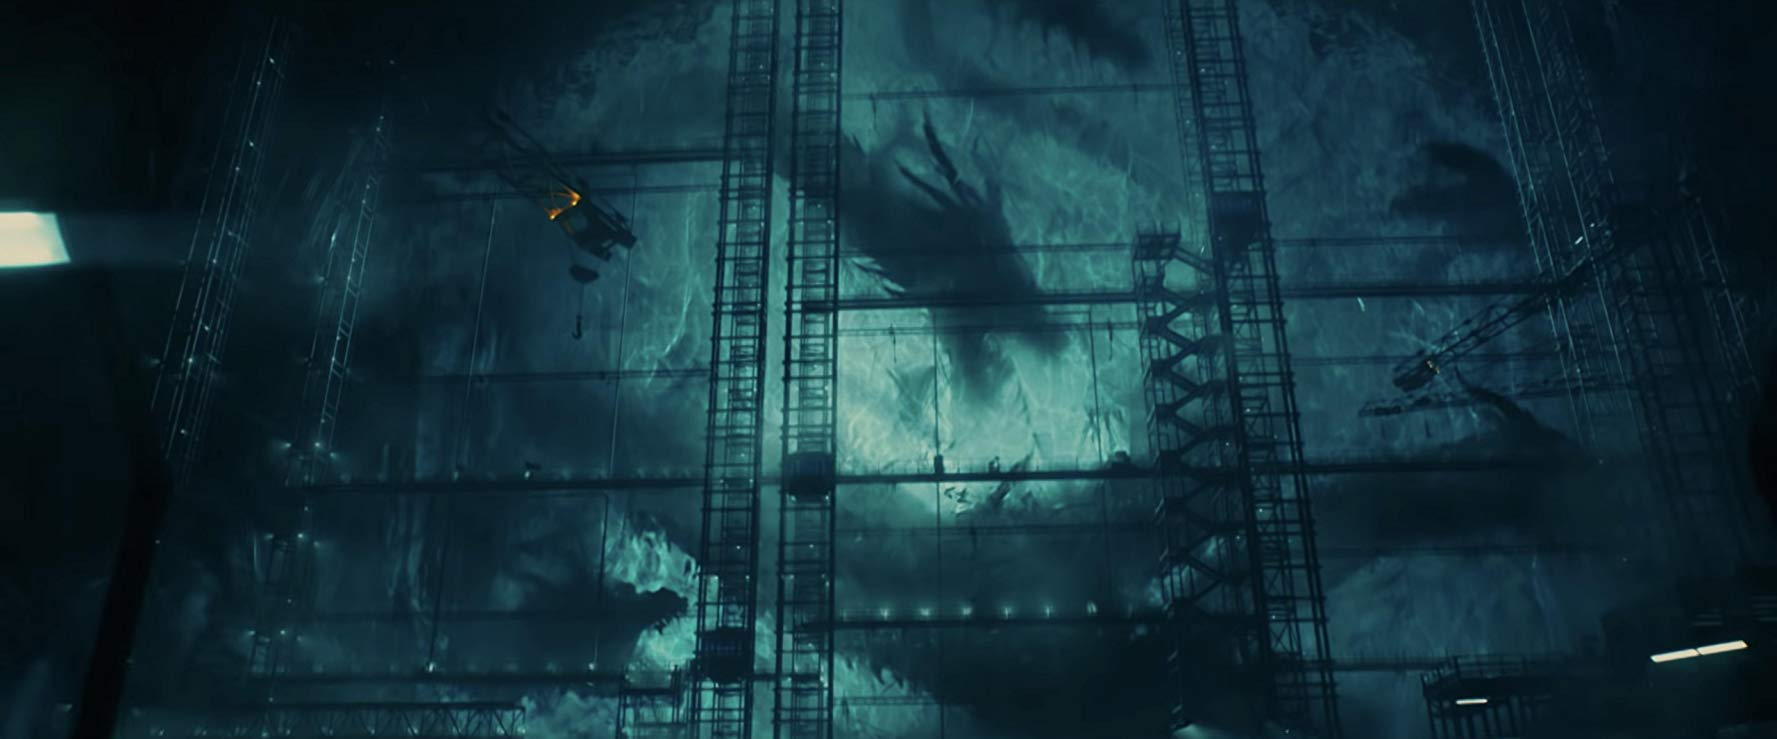 《 哥吉拉:怪獸之王 》冰封中的 王者基多拉 將會如何甦醒?和 哥吉拉 展開一場王者之戰? 著實令怪獸粉期待!